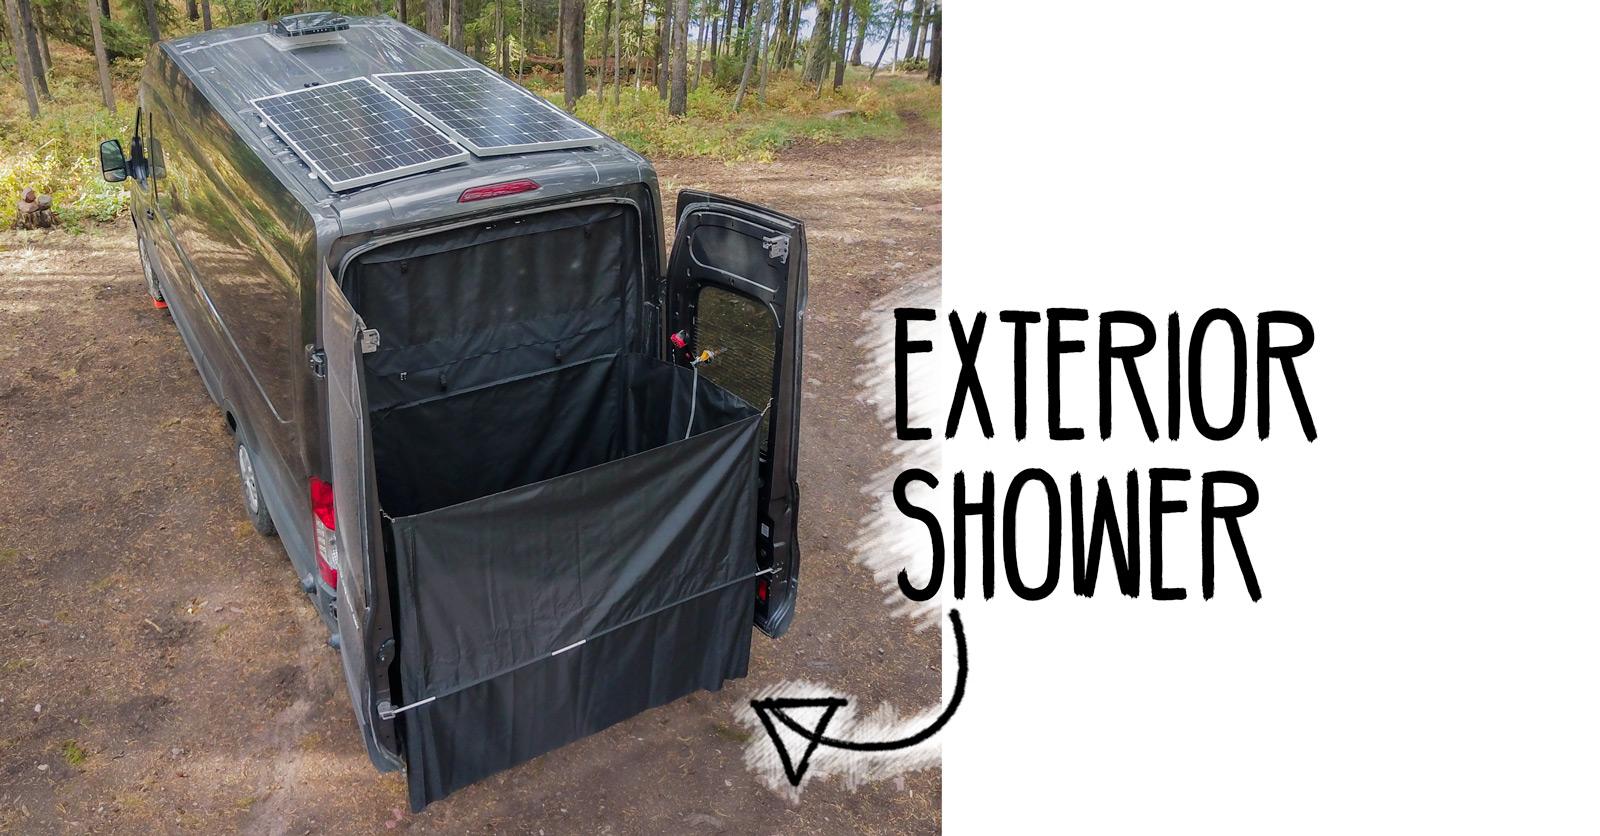 Exterior Shower For Camper Van Conversion